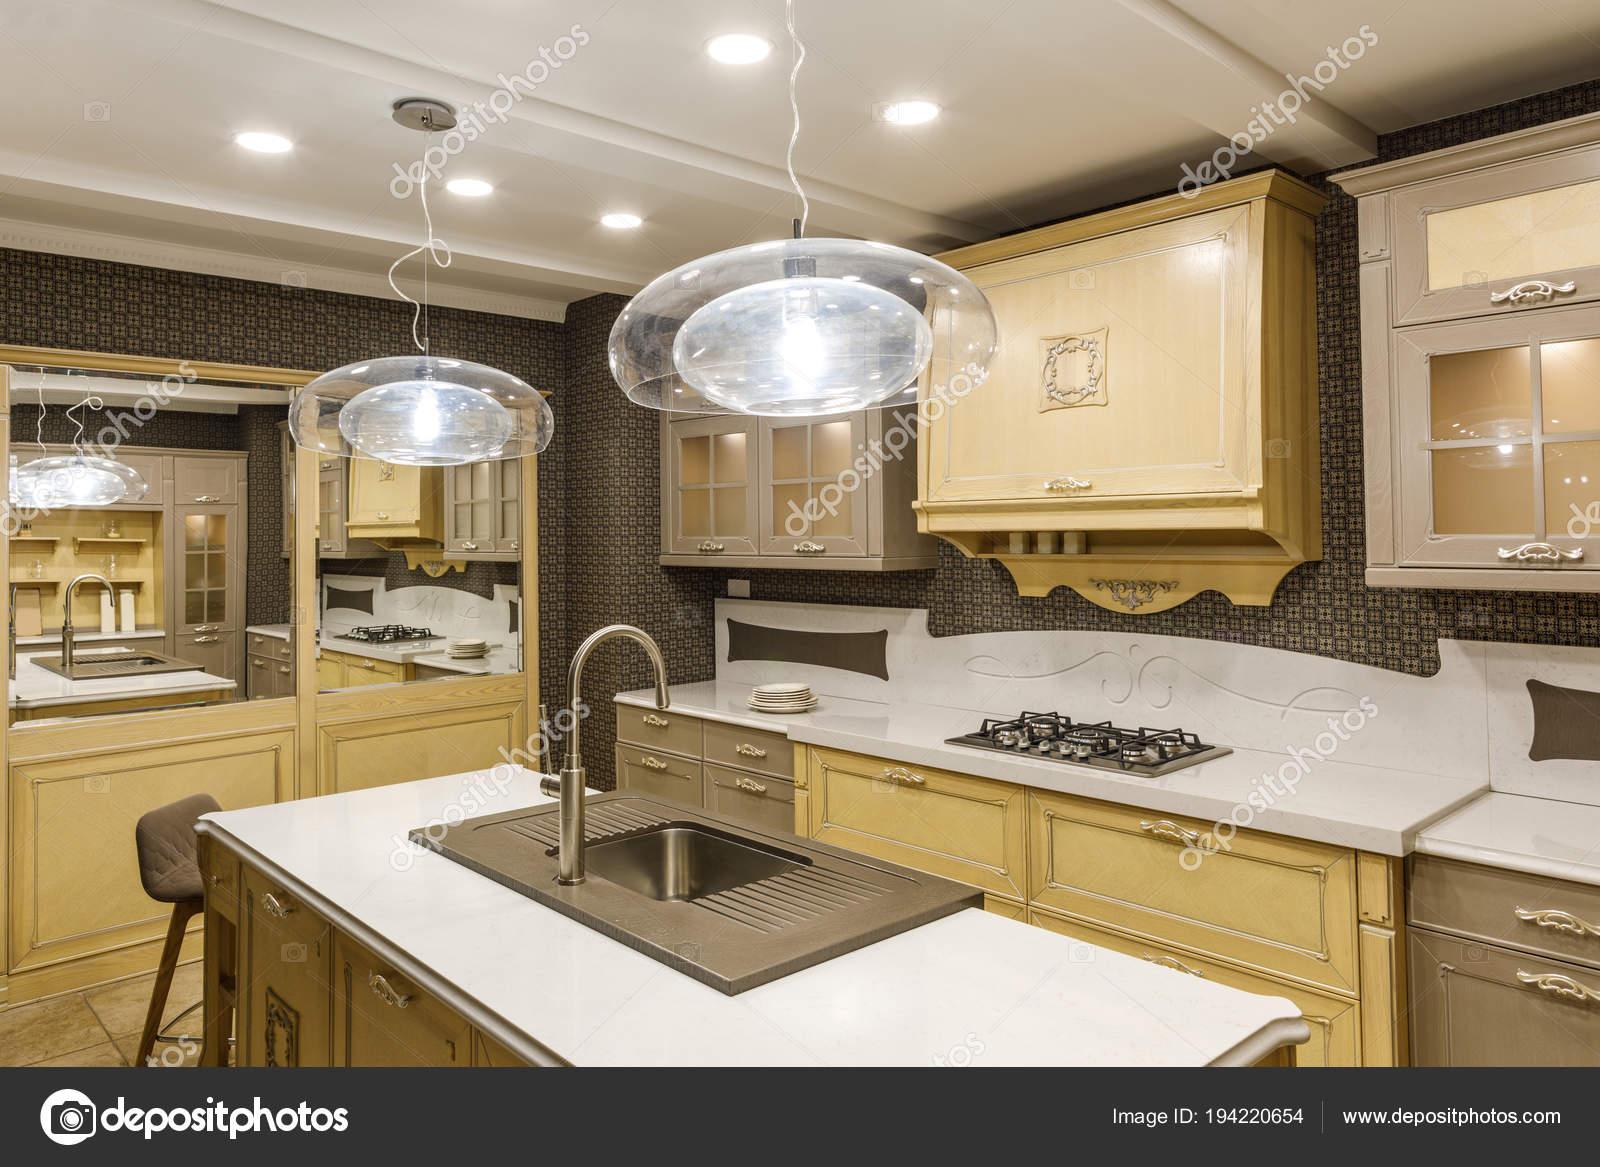 Cucine Con Bancone In Legno : Elegante cucina con bancone legno elegante lampada u foto stock